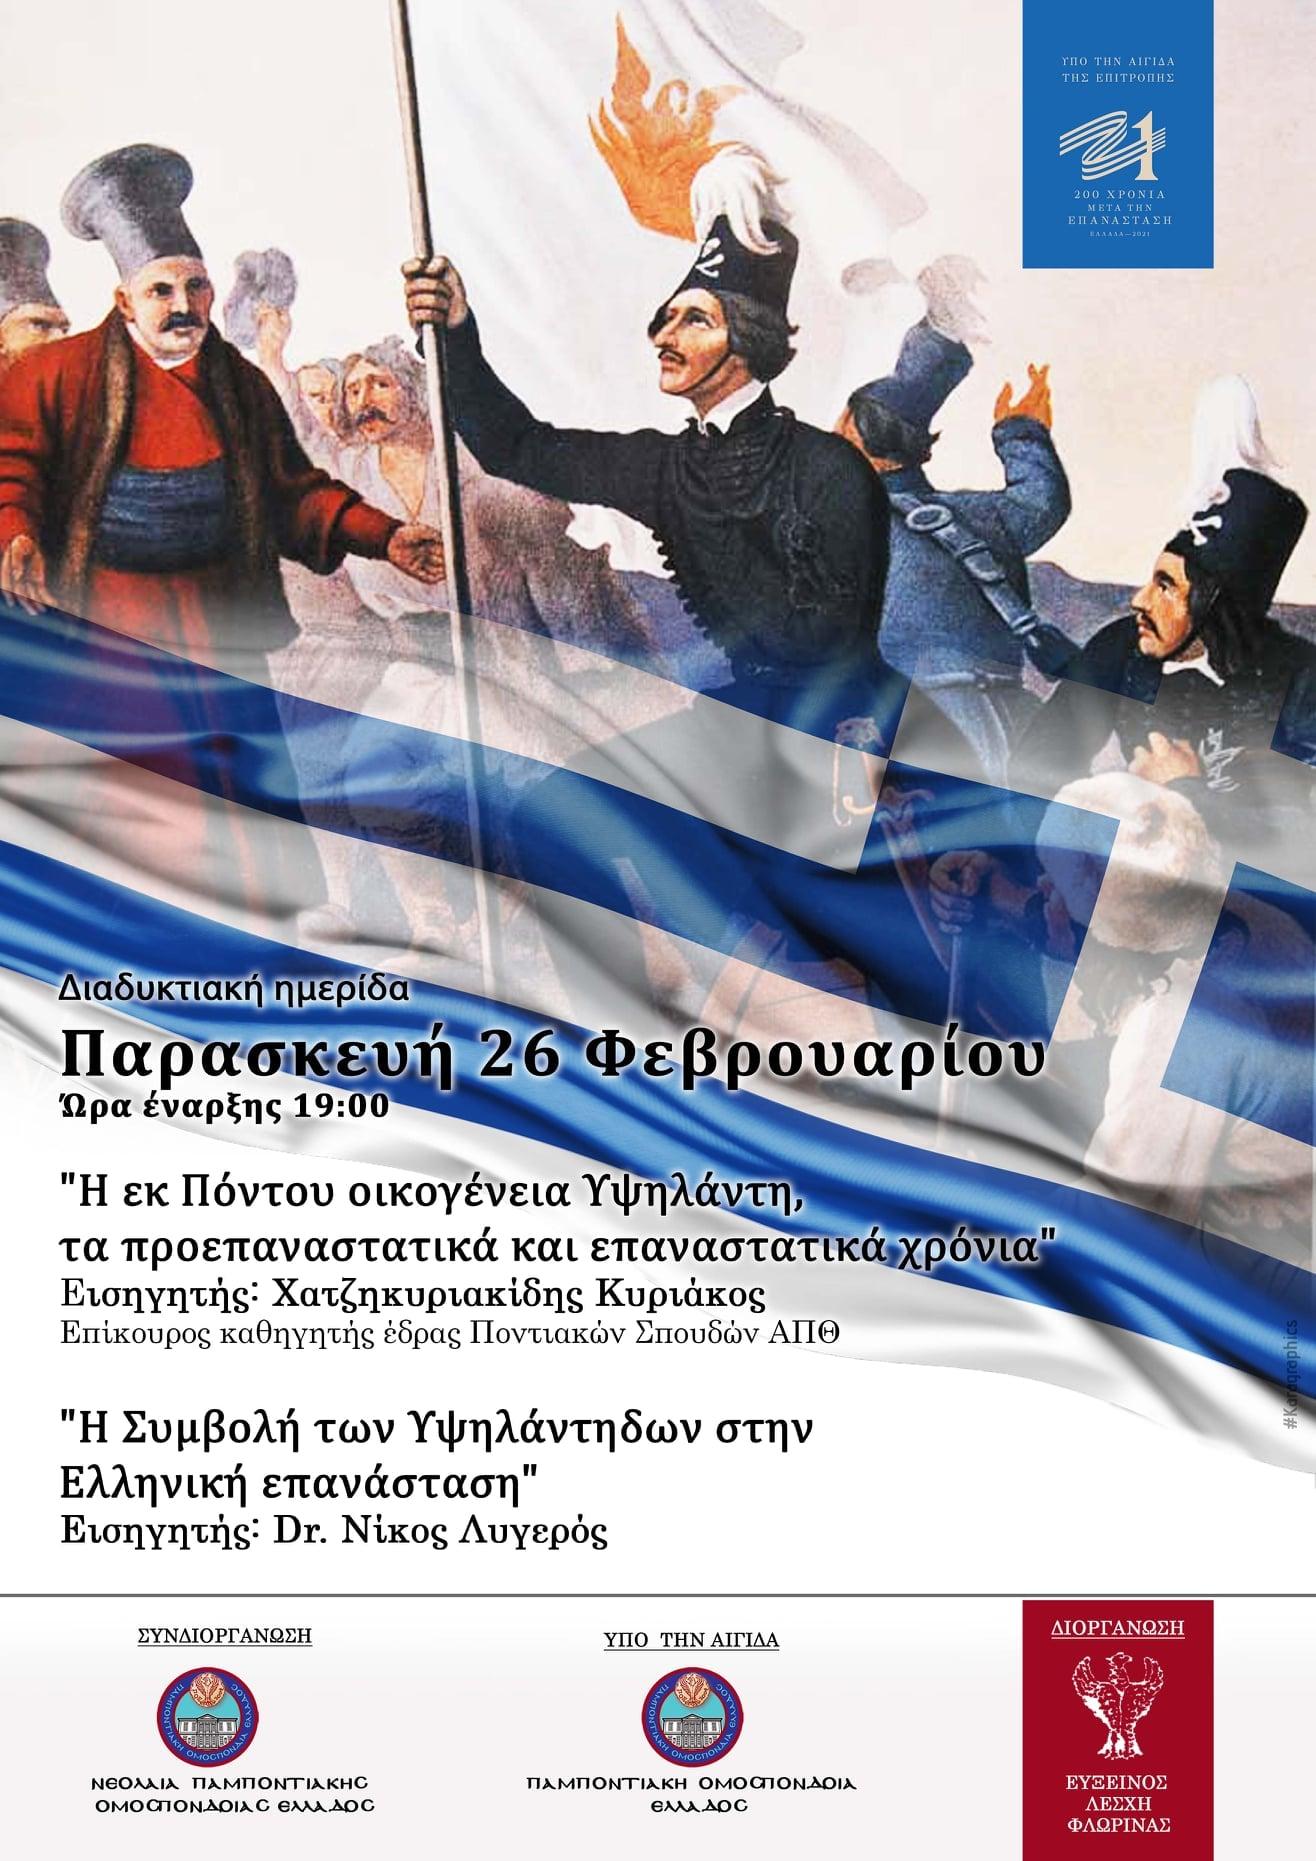 Διαδικτυακή ομιλία για τη συμβολή των Υψηλάντηδων στην Ελληνική Επανάσταση